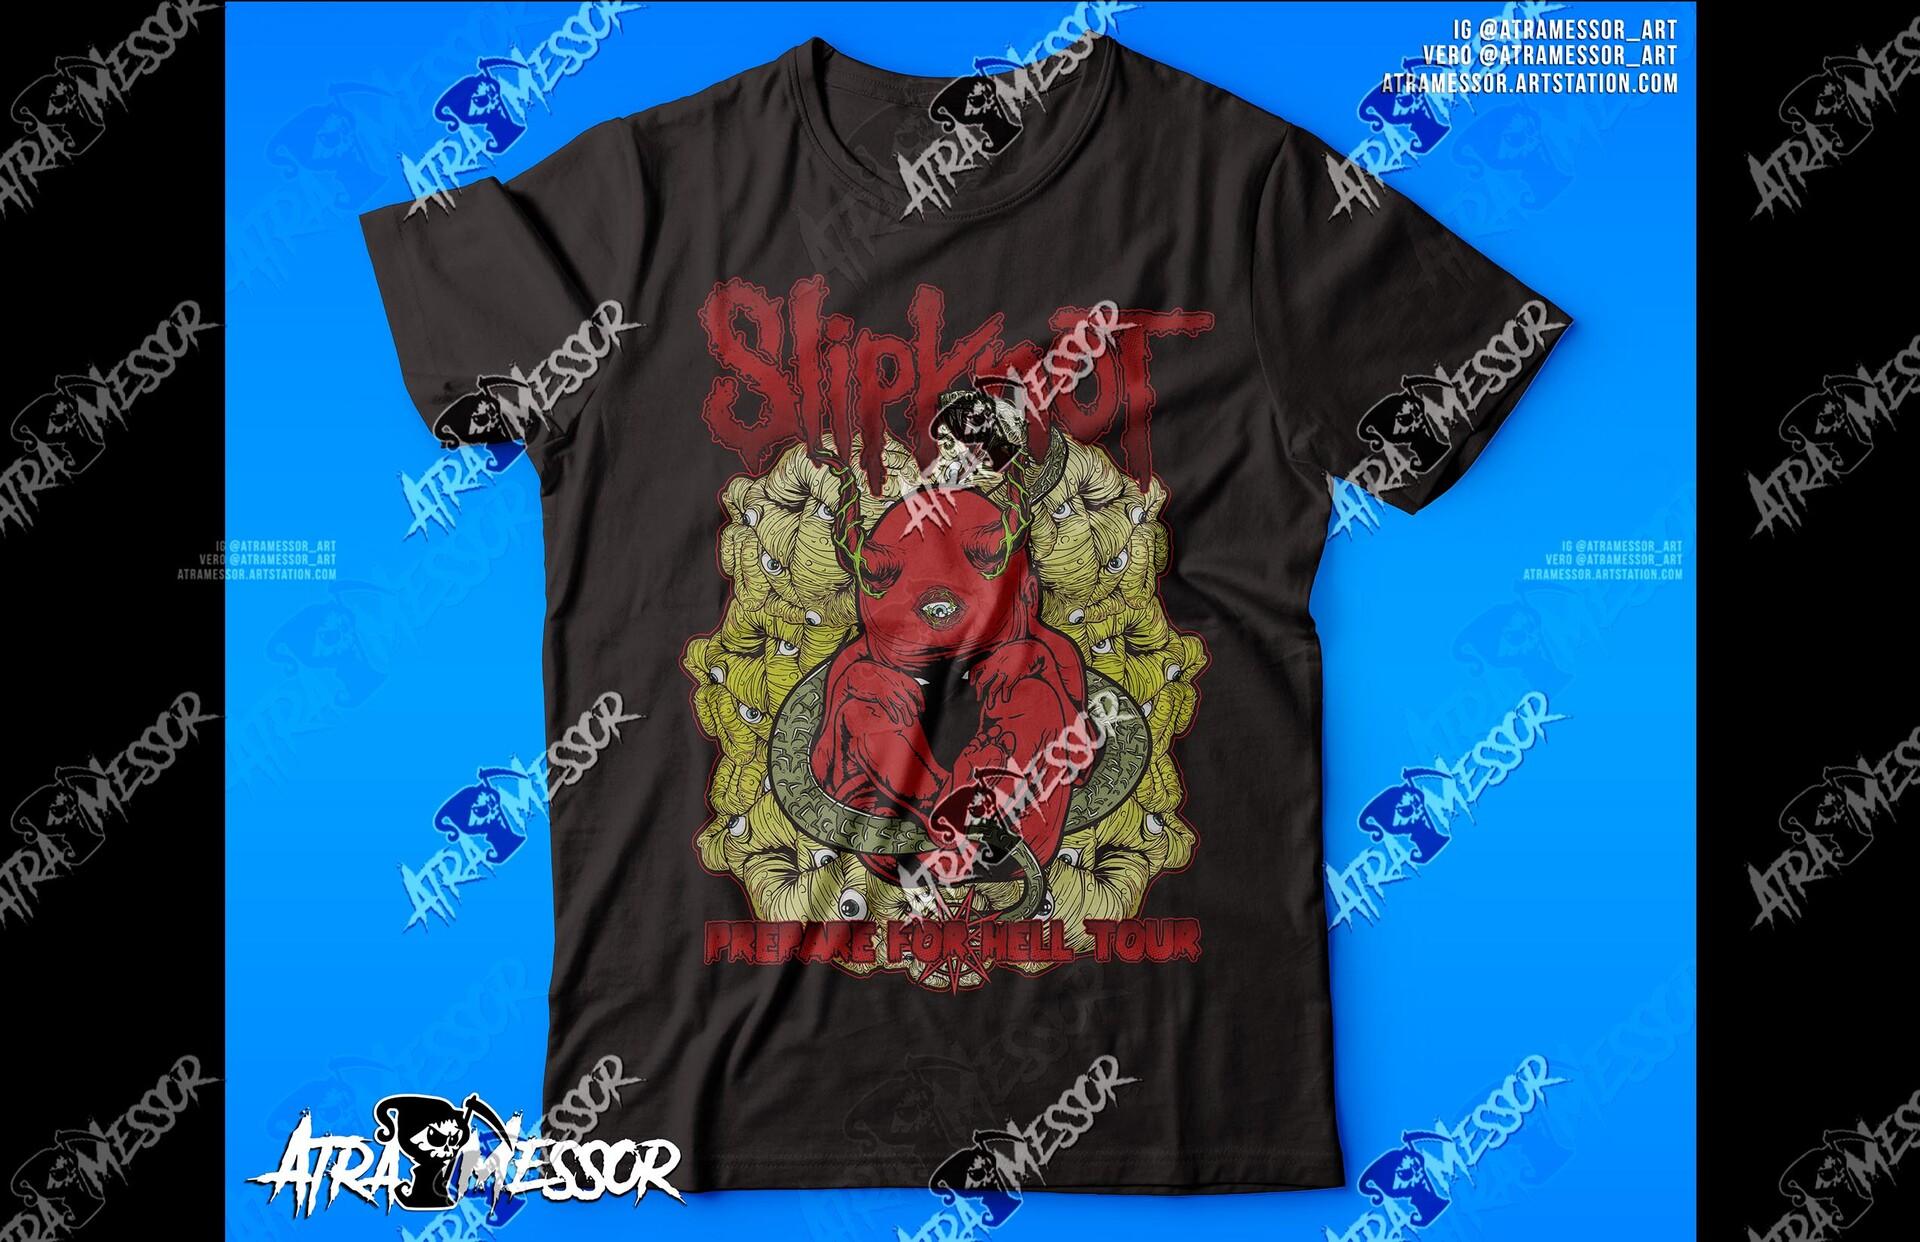 Slipknot Shirt (unused)